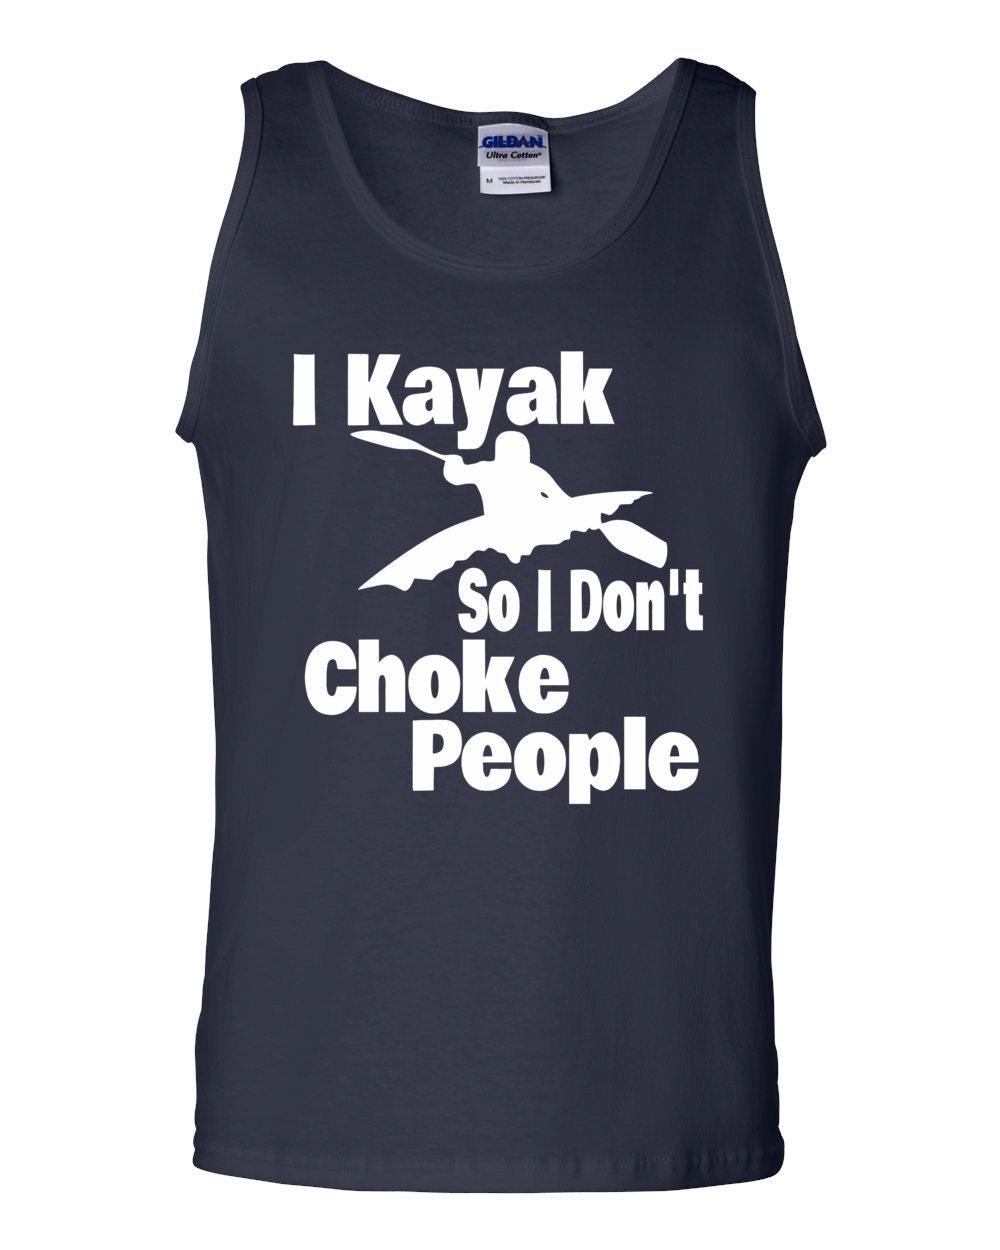 Kayak Tank Top - I Kayak So I Don't Choke People - Paddle Life Kayaking Tank Top